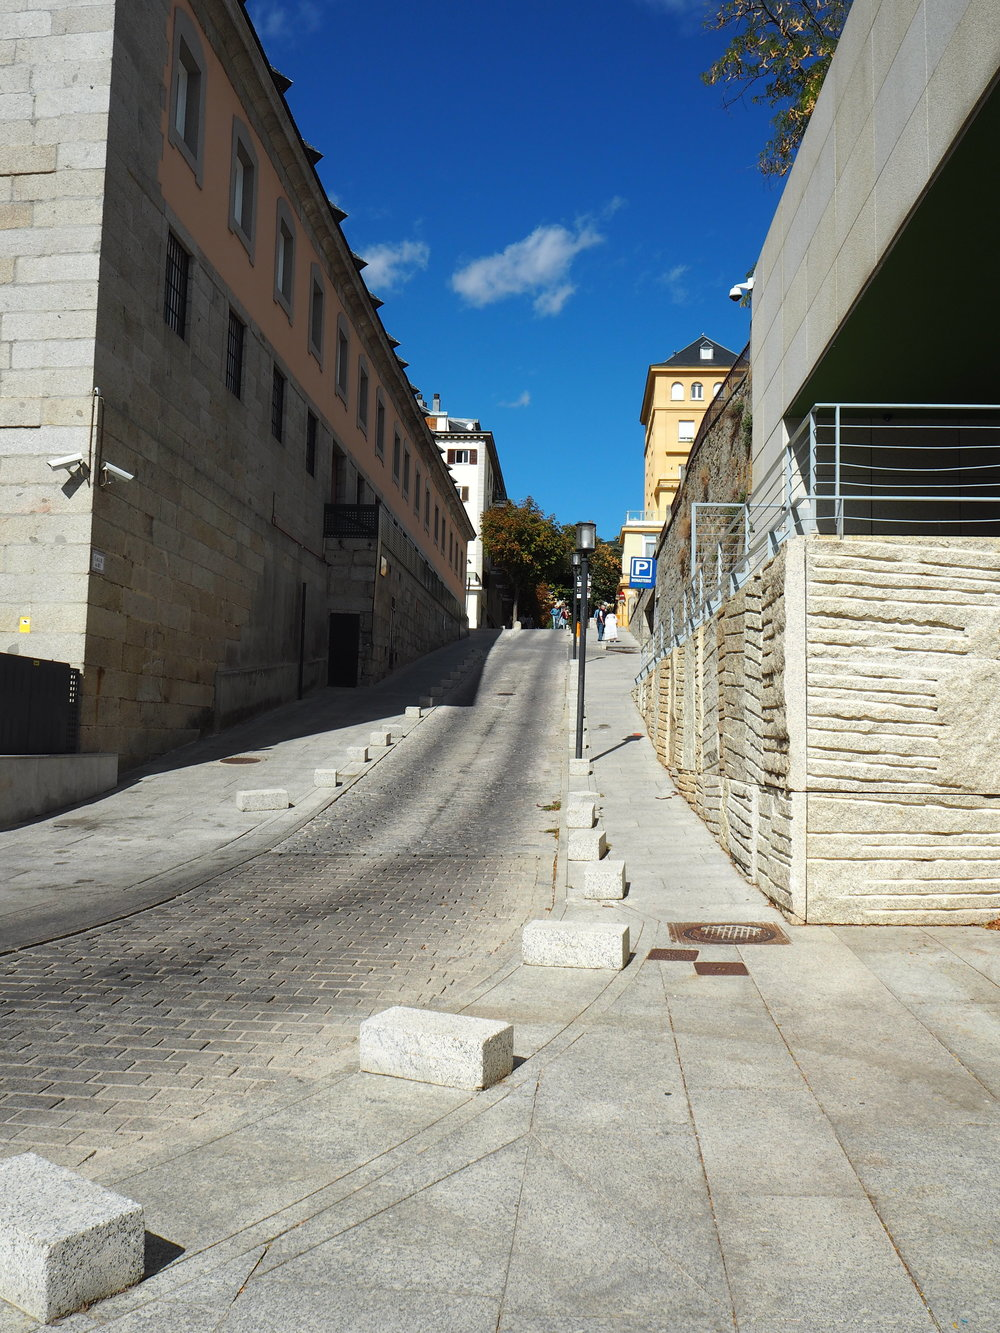 merado-altavista-aparcamiento-forum.JPG